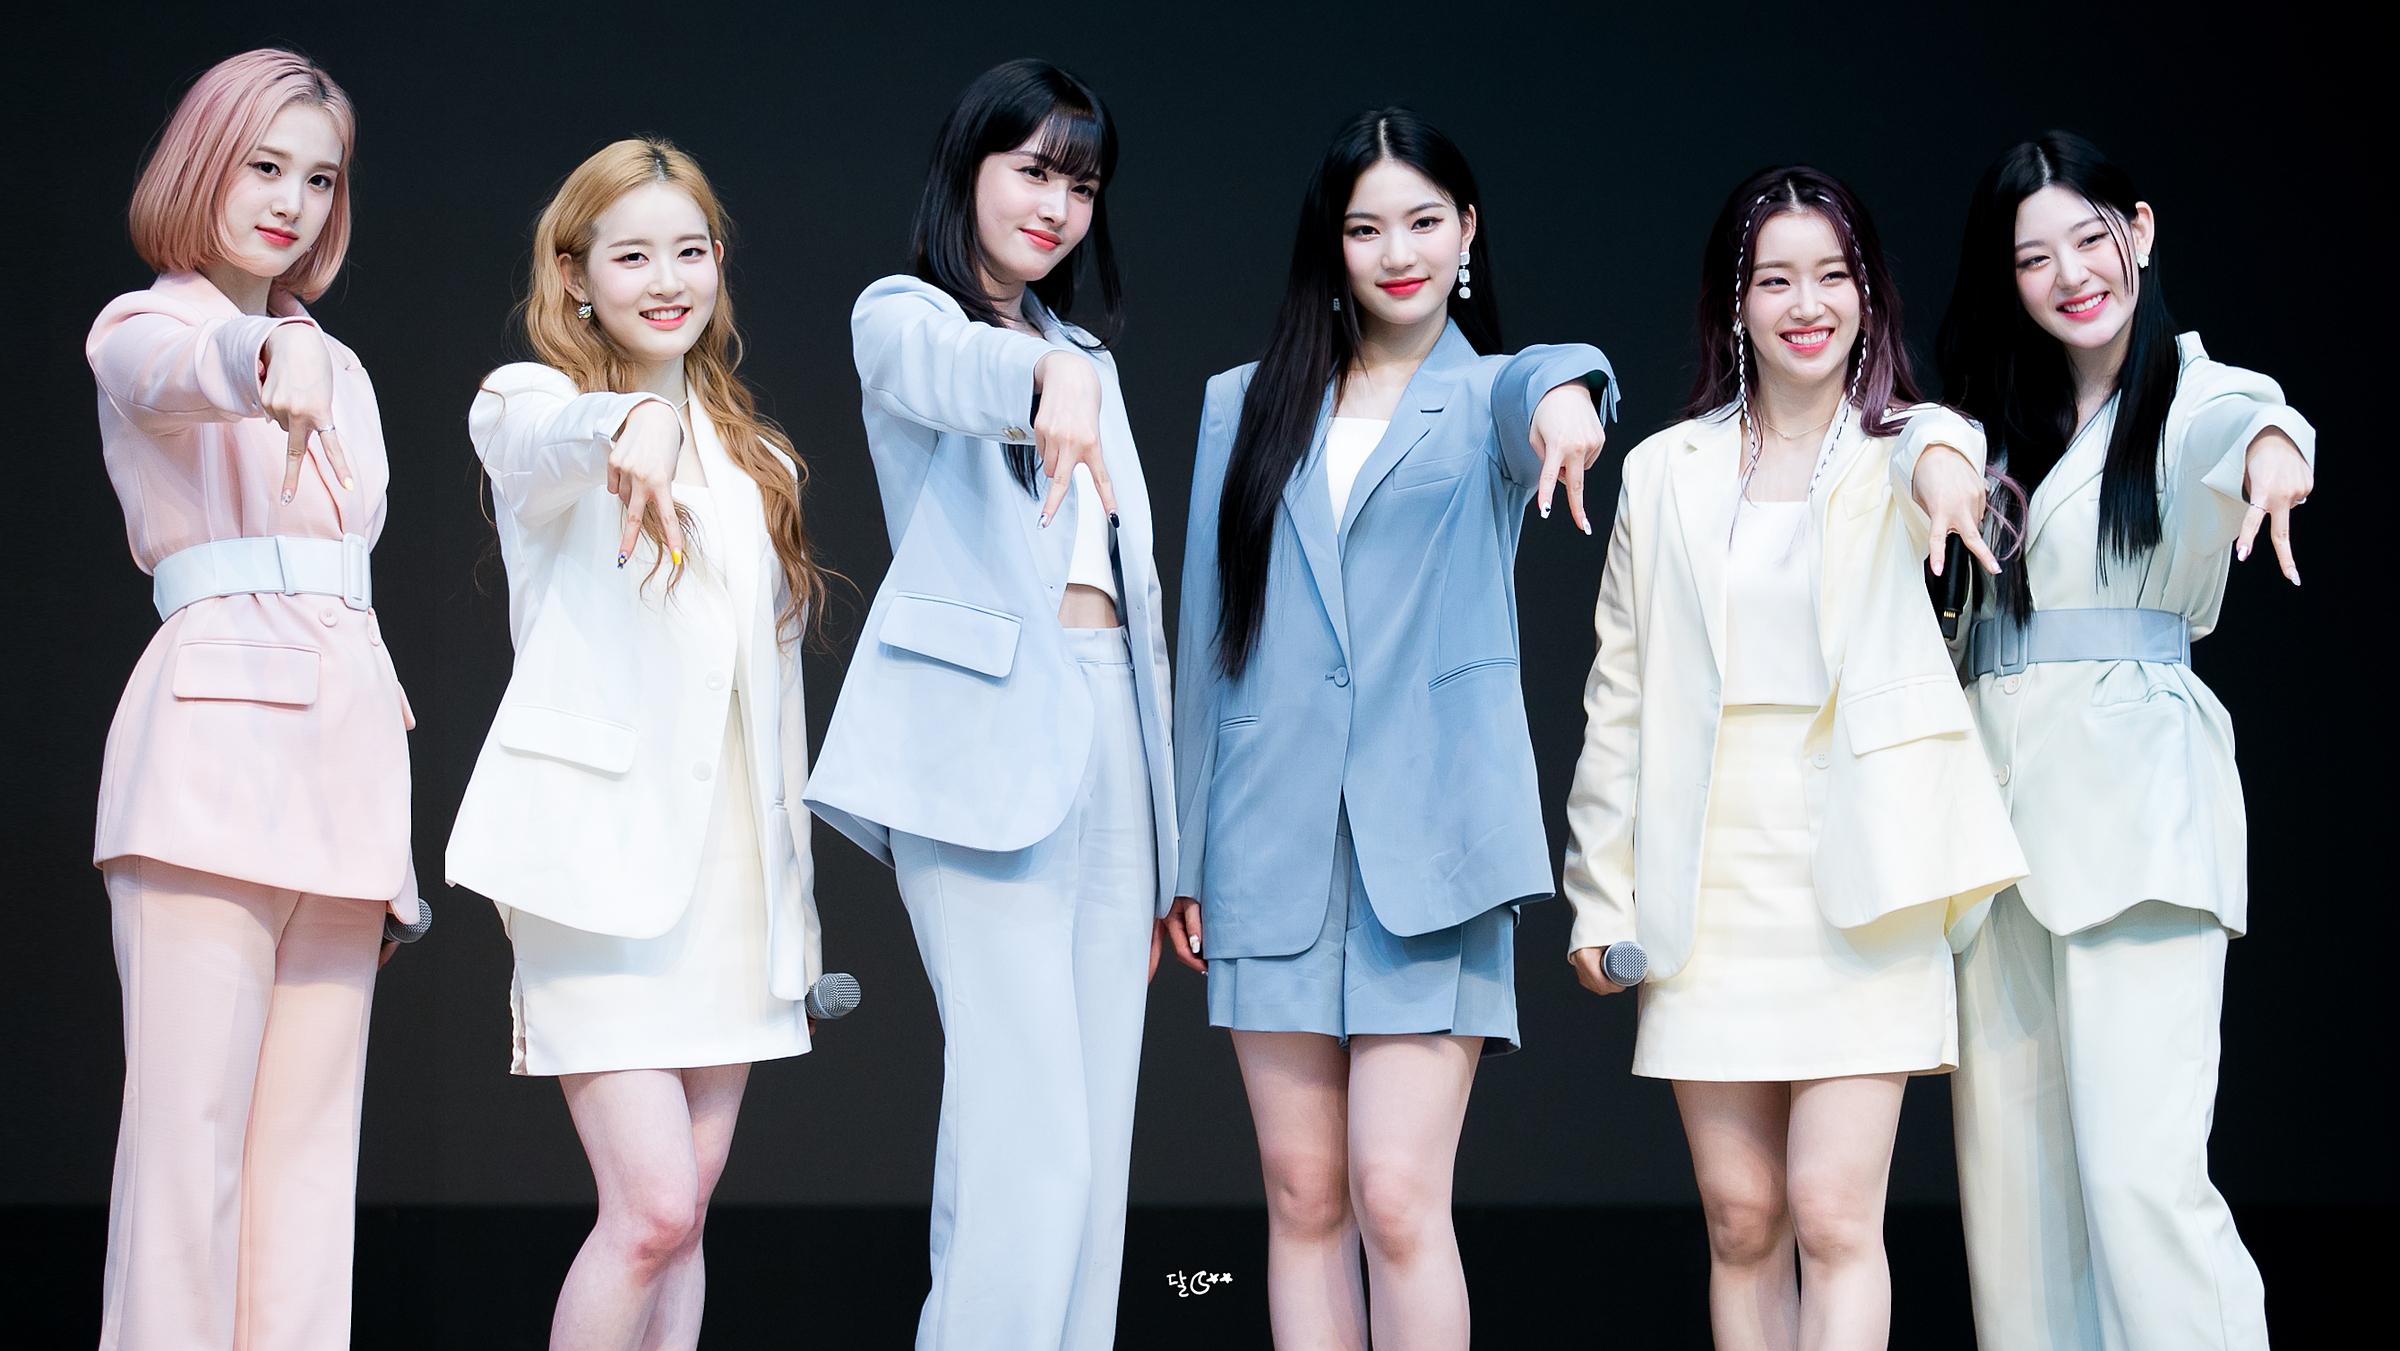 StayC là nhóm nữ hiếm hoi hội tụ đủ các kiểu visual điển hình của Kpop